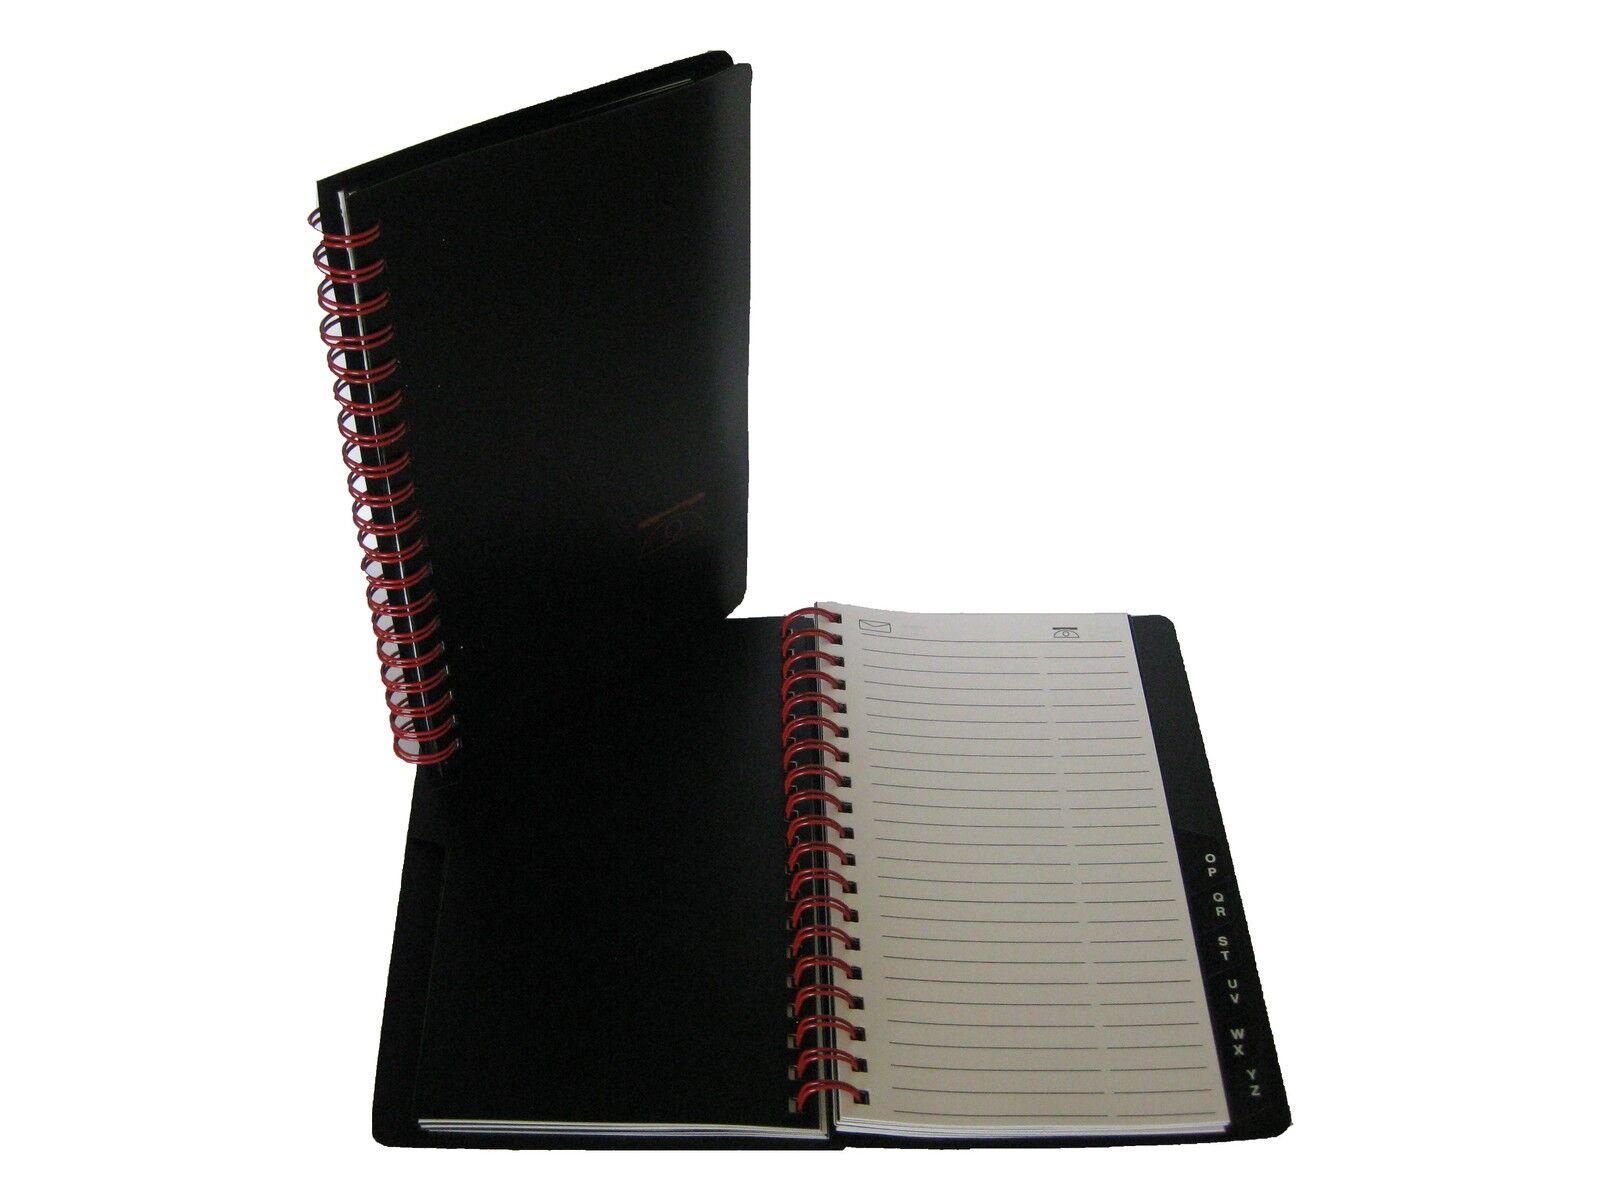 Telefonbuch Adressbuch Telefonverzeichnis Ringbuch mit Register DIN A7 10x13cm